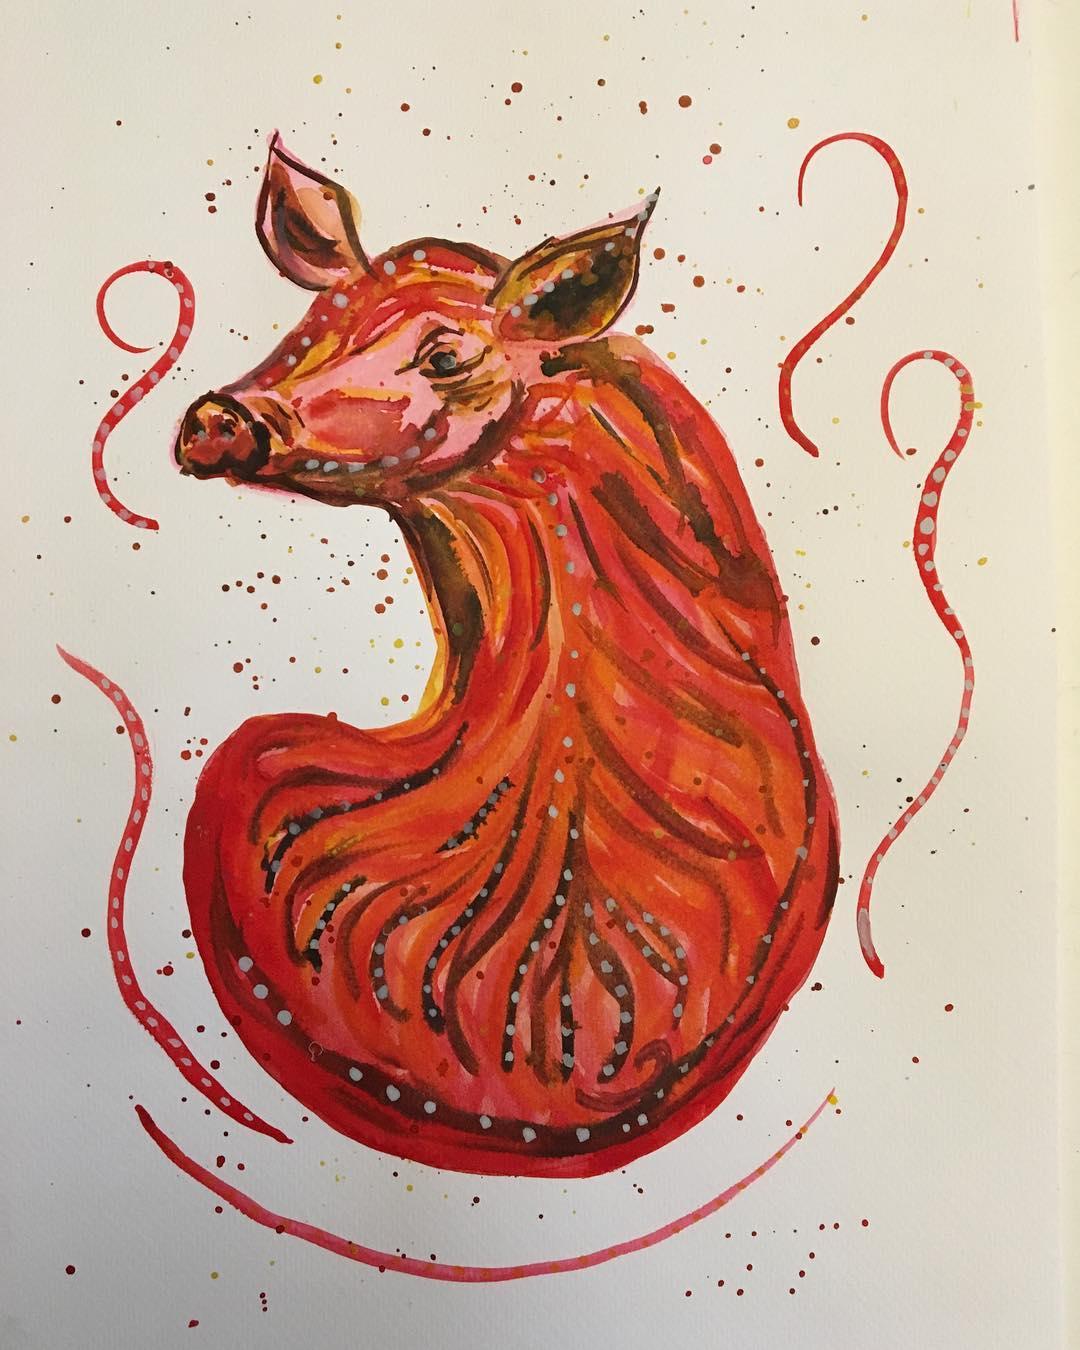 Символ года - Земляная Свинья